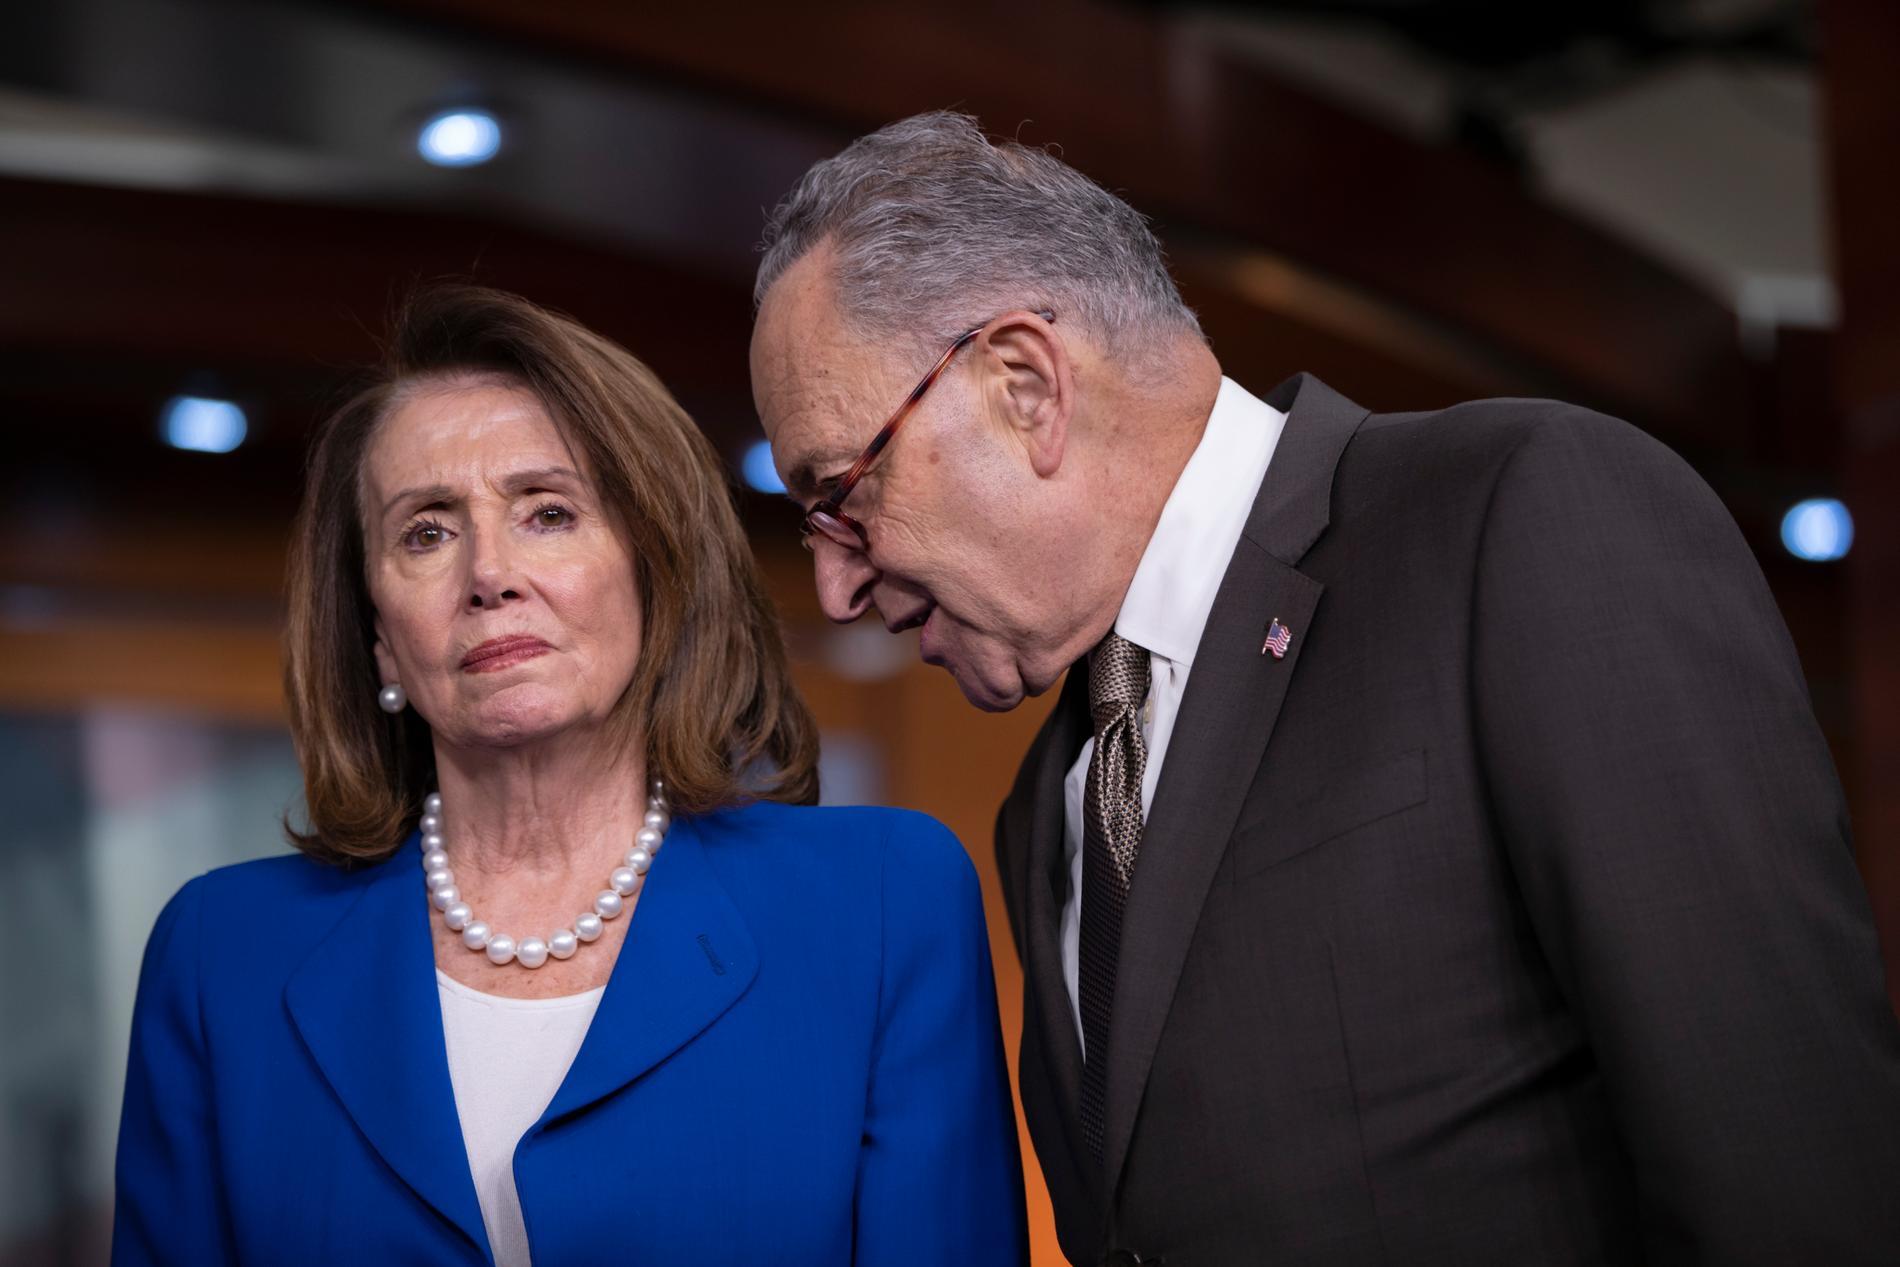 Ledaren för Demokraterna i representanthuset Nancy Pelosi och senatens minoritetsledare Chuck Schumer kritiserar Donald Trump skarpt efter att ett mediebolag och flera toppdemokrater mottagit bombhot. Arkivbild.